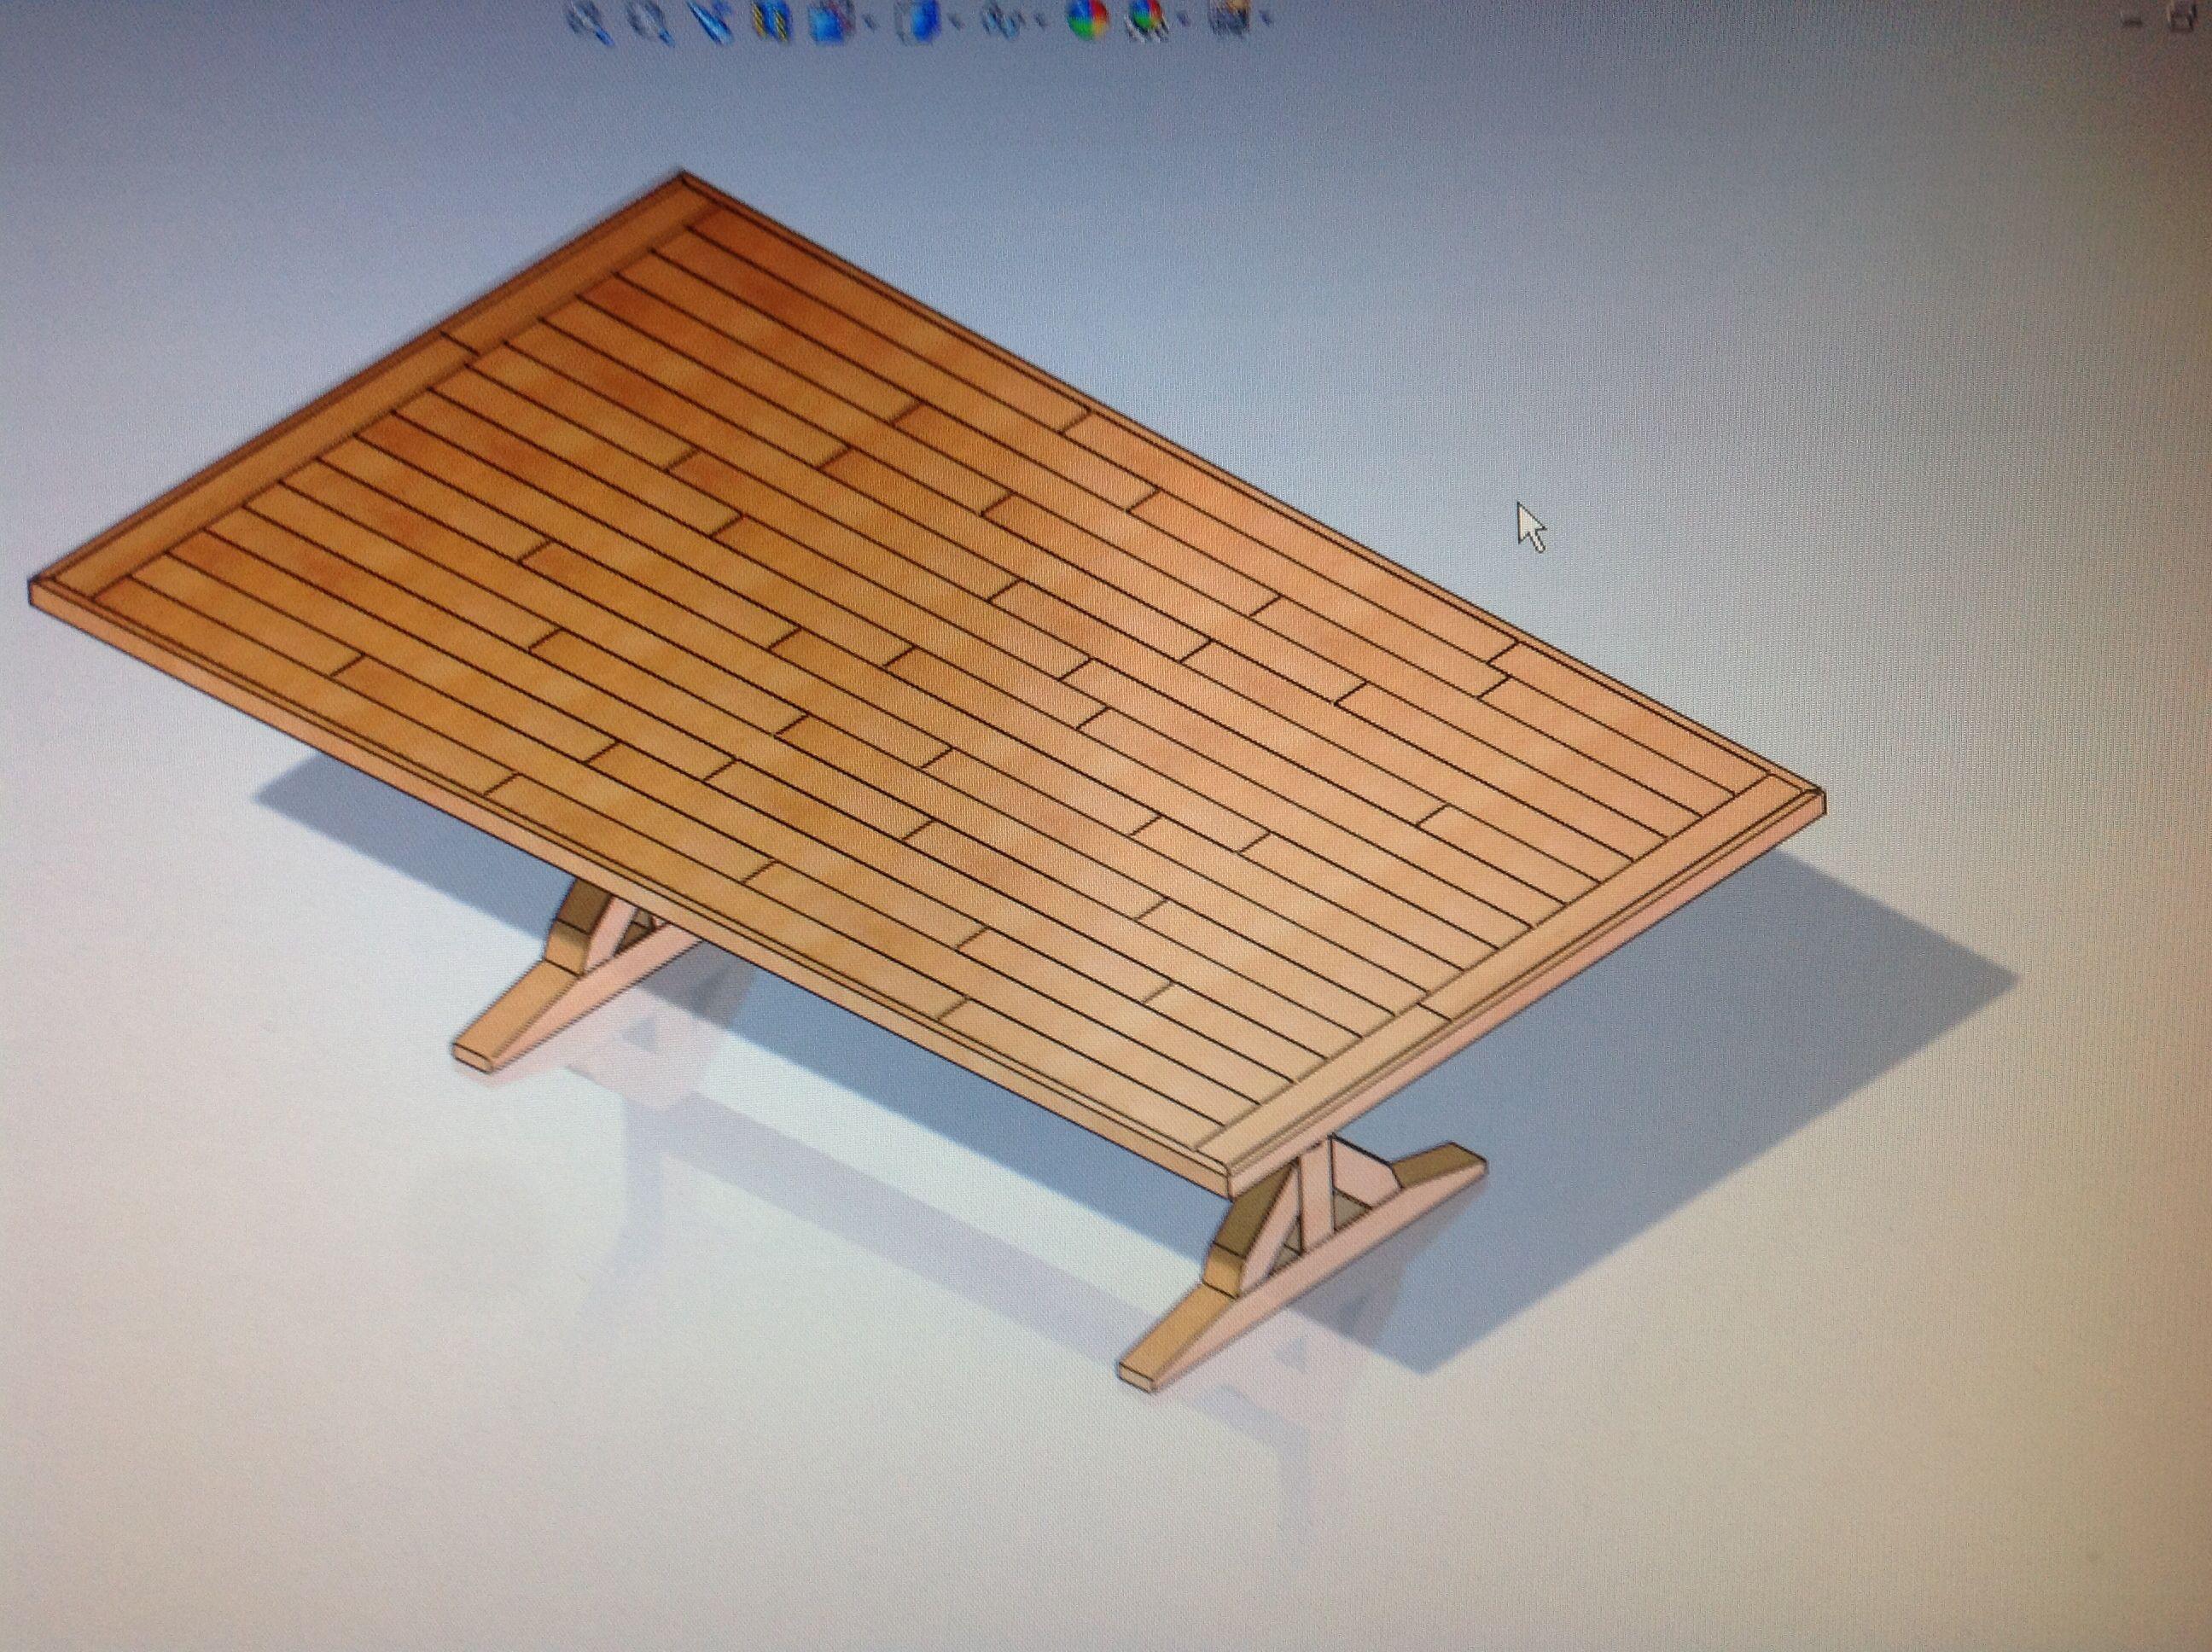 Progetto Tavolo Da Giardino.Progetto Tavolo Da Giardino Con Piano Realizzato In Listelli Di